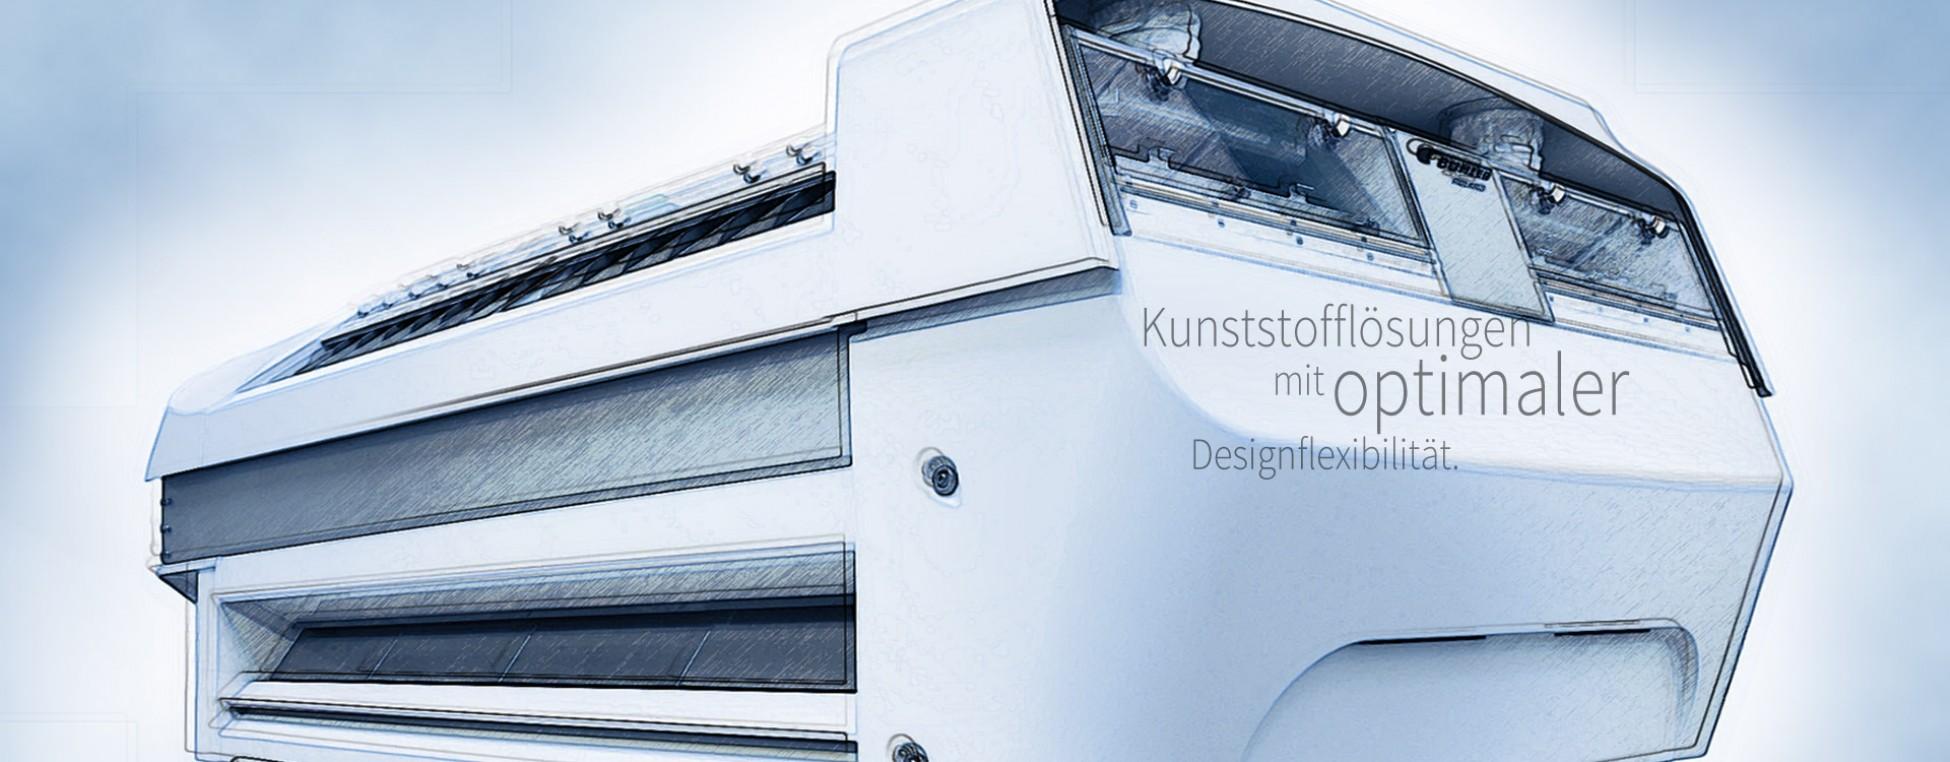 Compotech - Kunststofflösungen mit optimaler Designflexibilität.